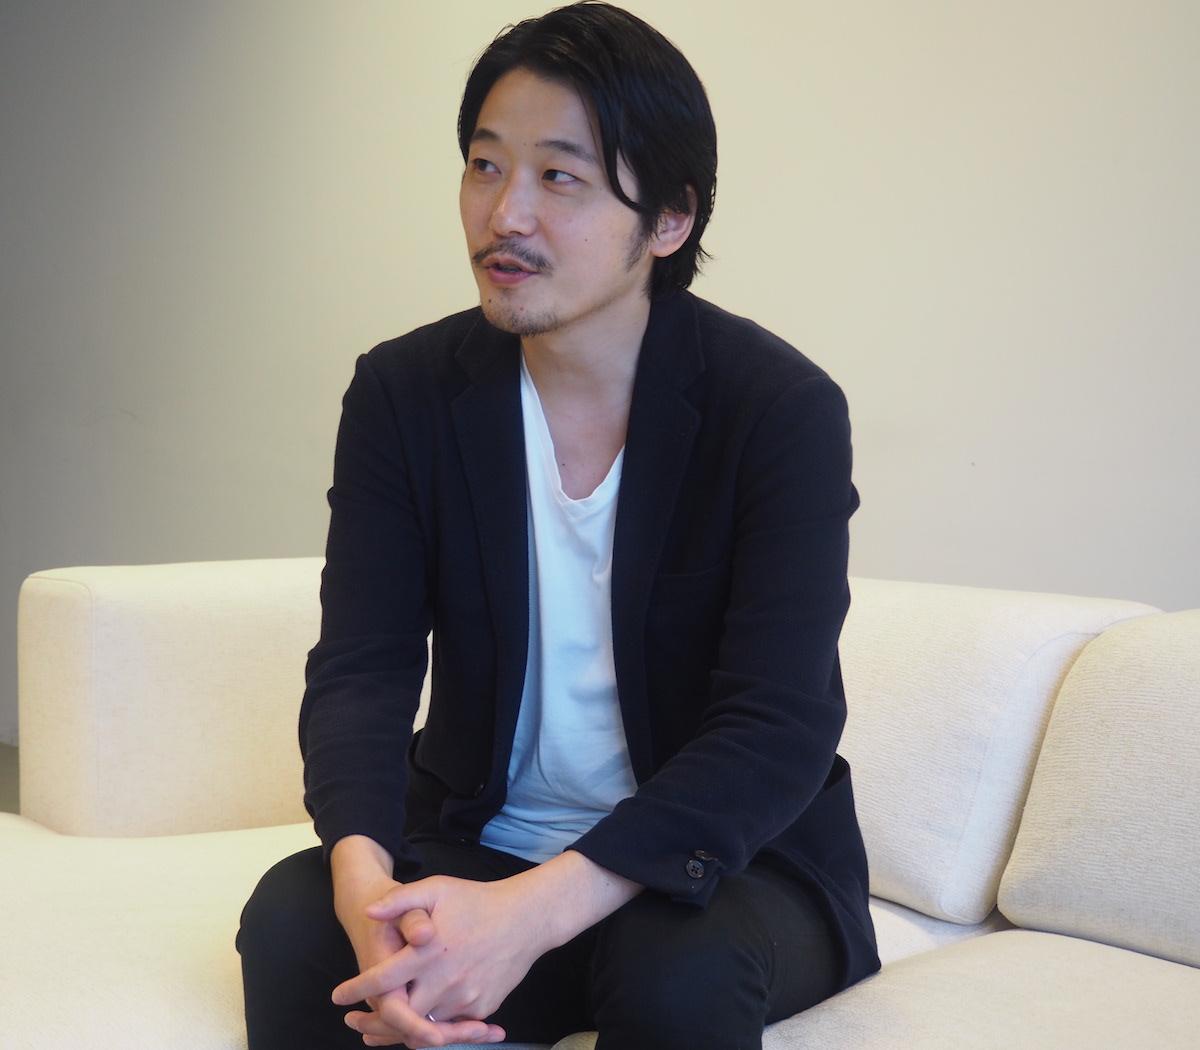 株式会社コルノバム 山田勝俊氏1